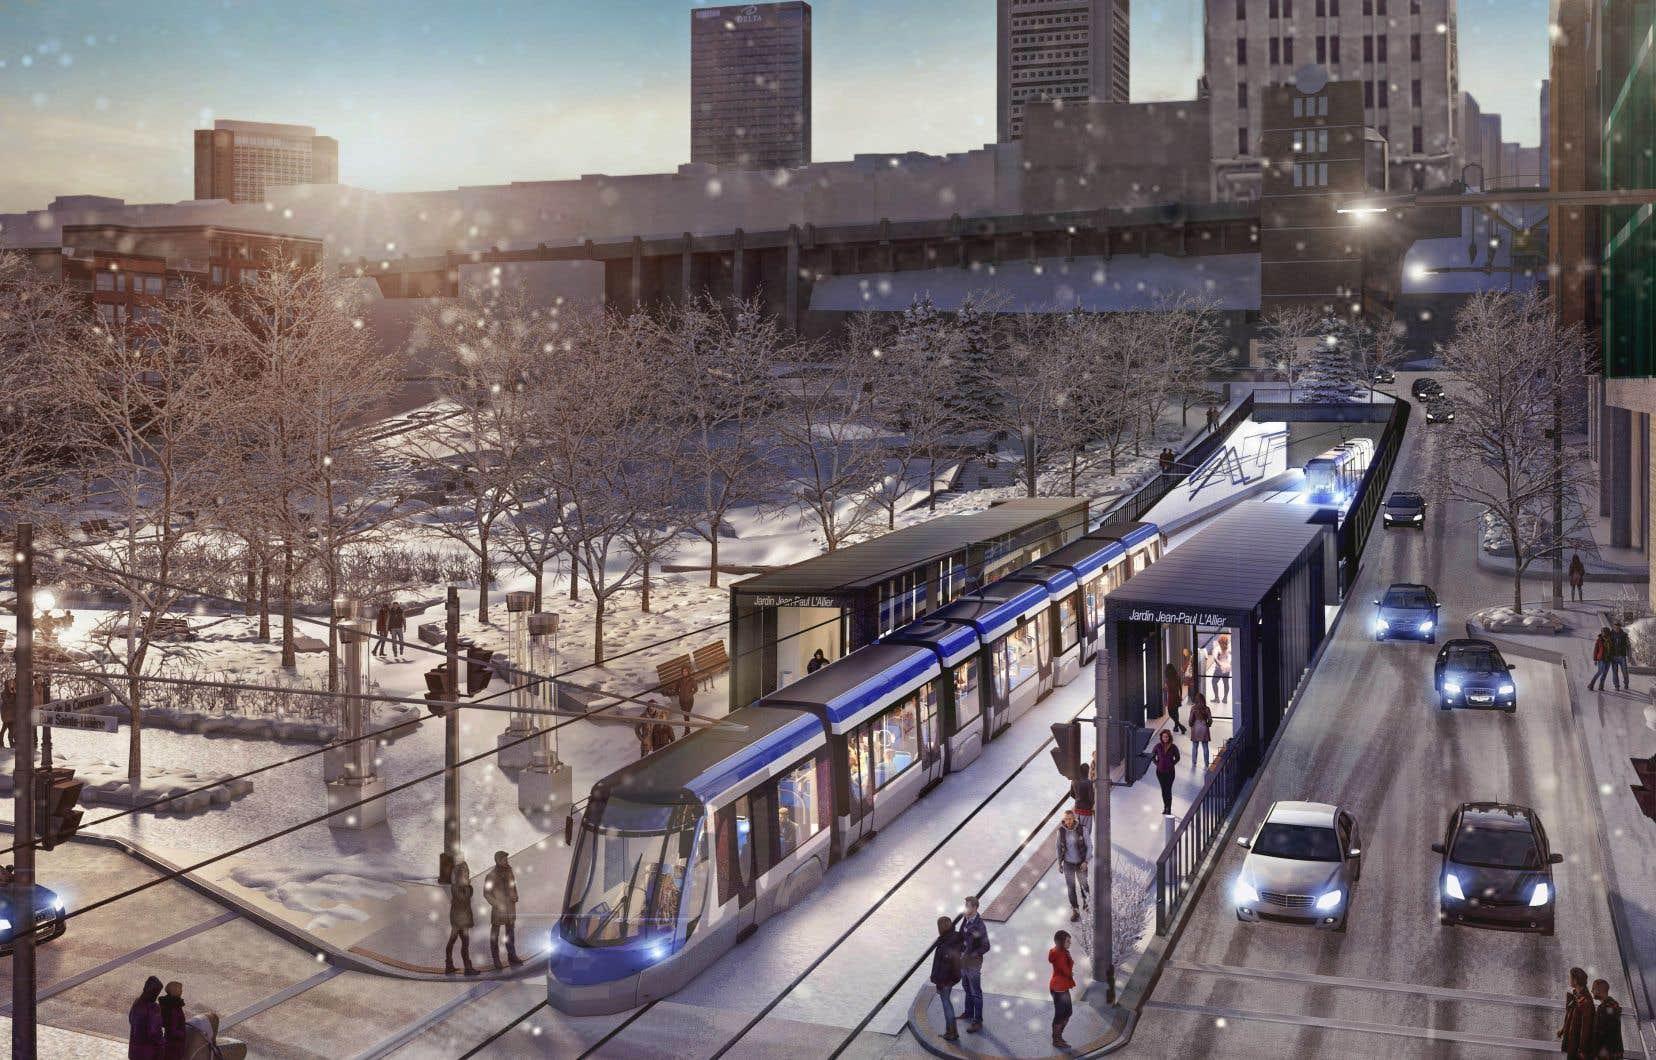 Le projet de la Ville de Québec prévoit l'ajout d'une ligne de tramway de près de 23 kilomètres, de trambus et d'infrastructures dédiées.